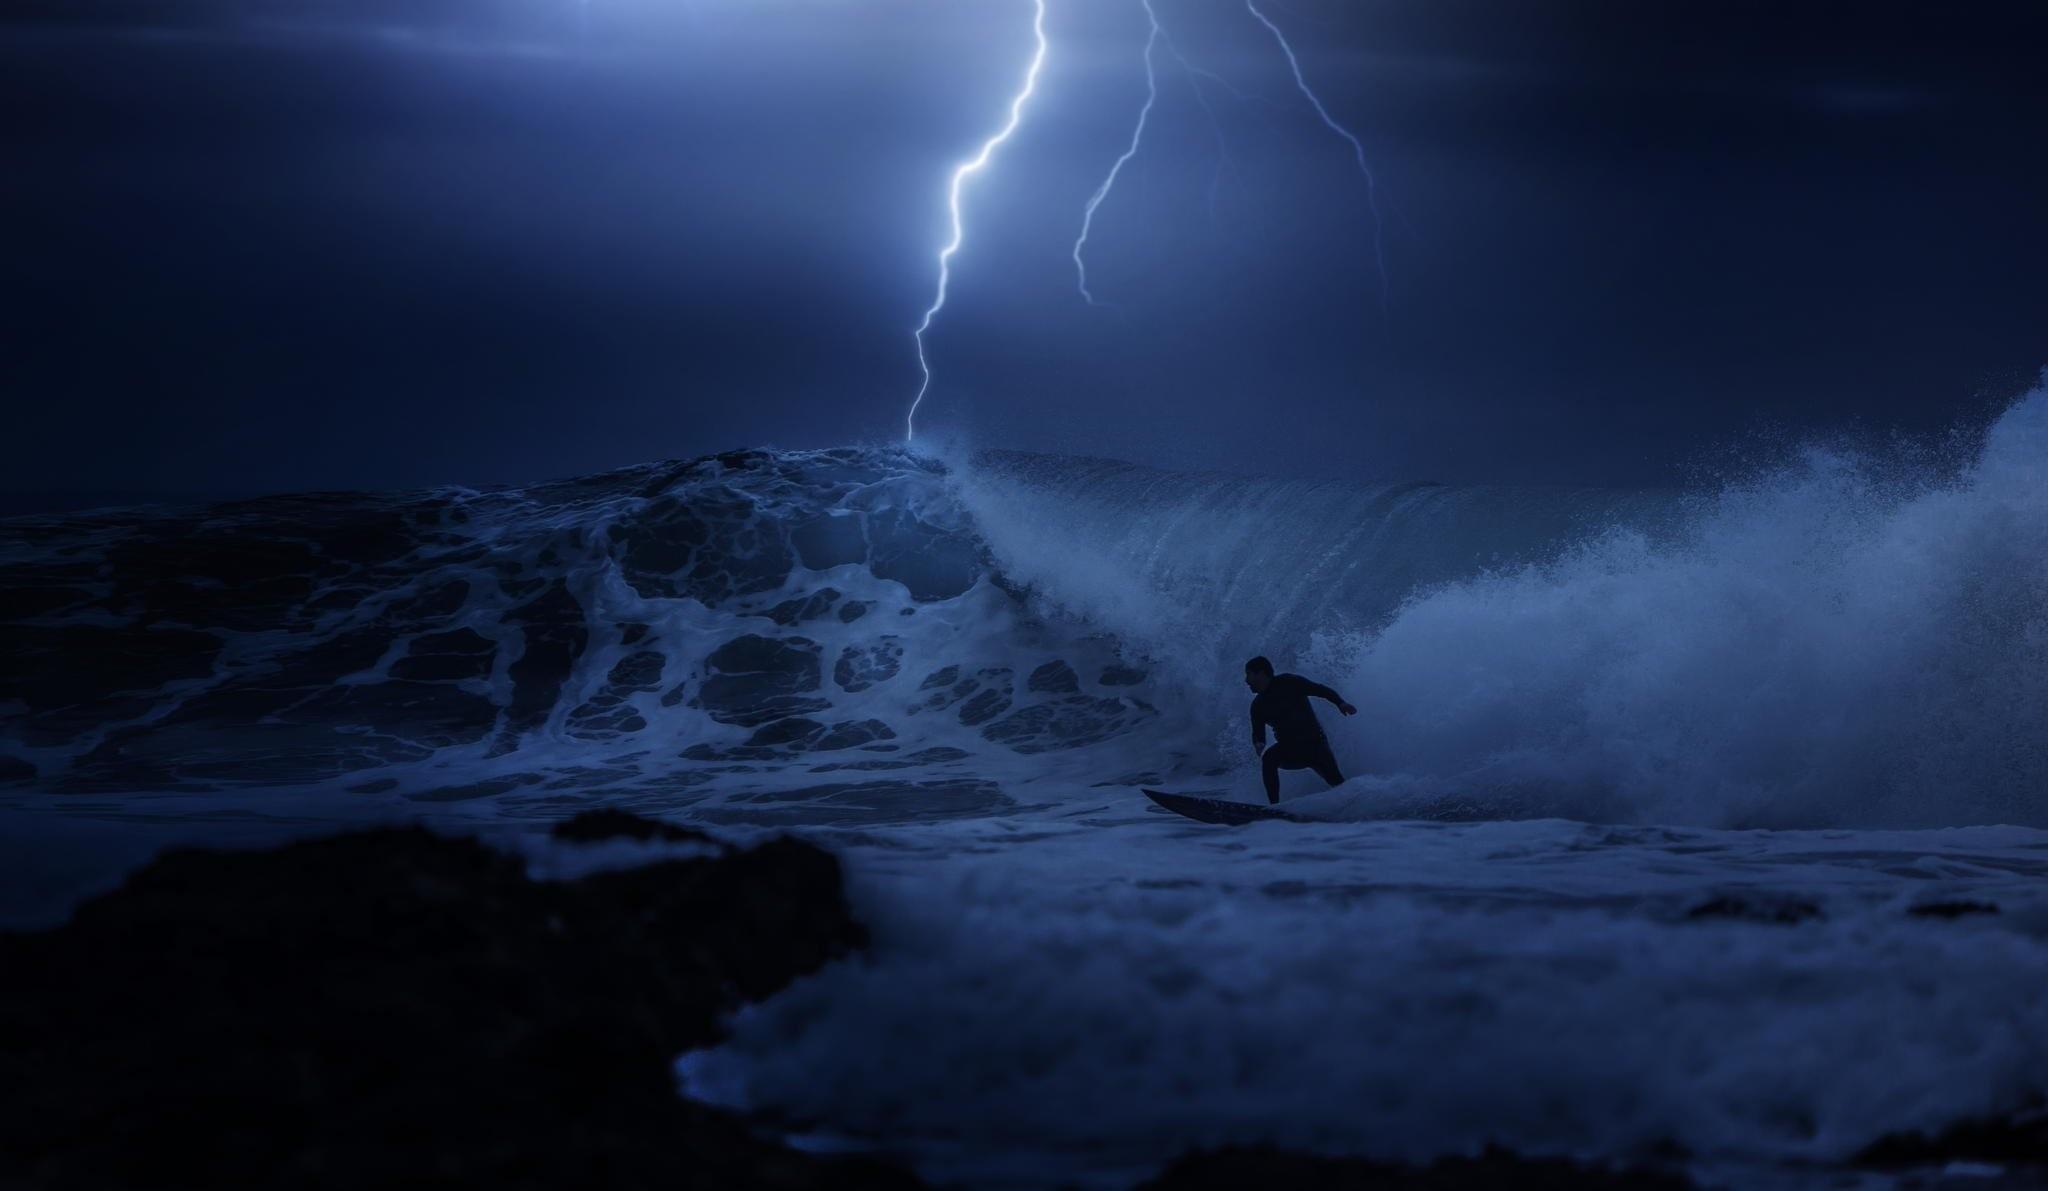 night ocean surfing guy the storm lightning